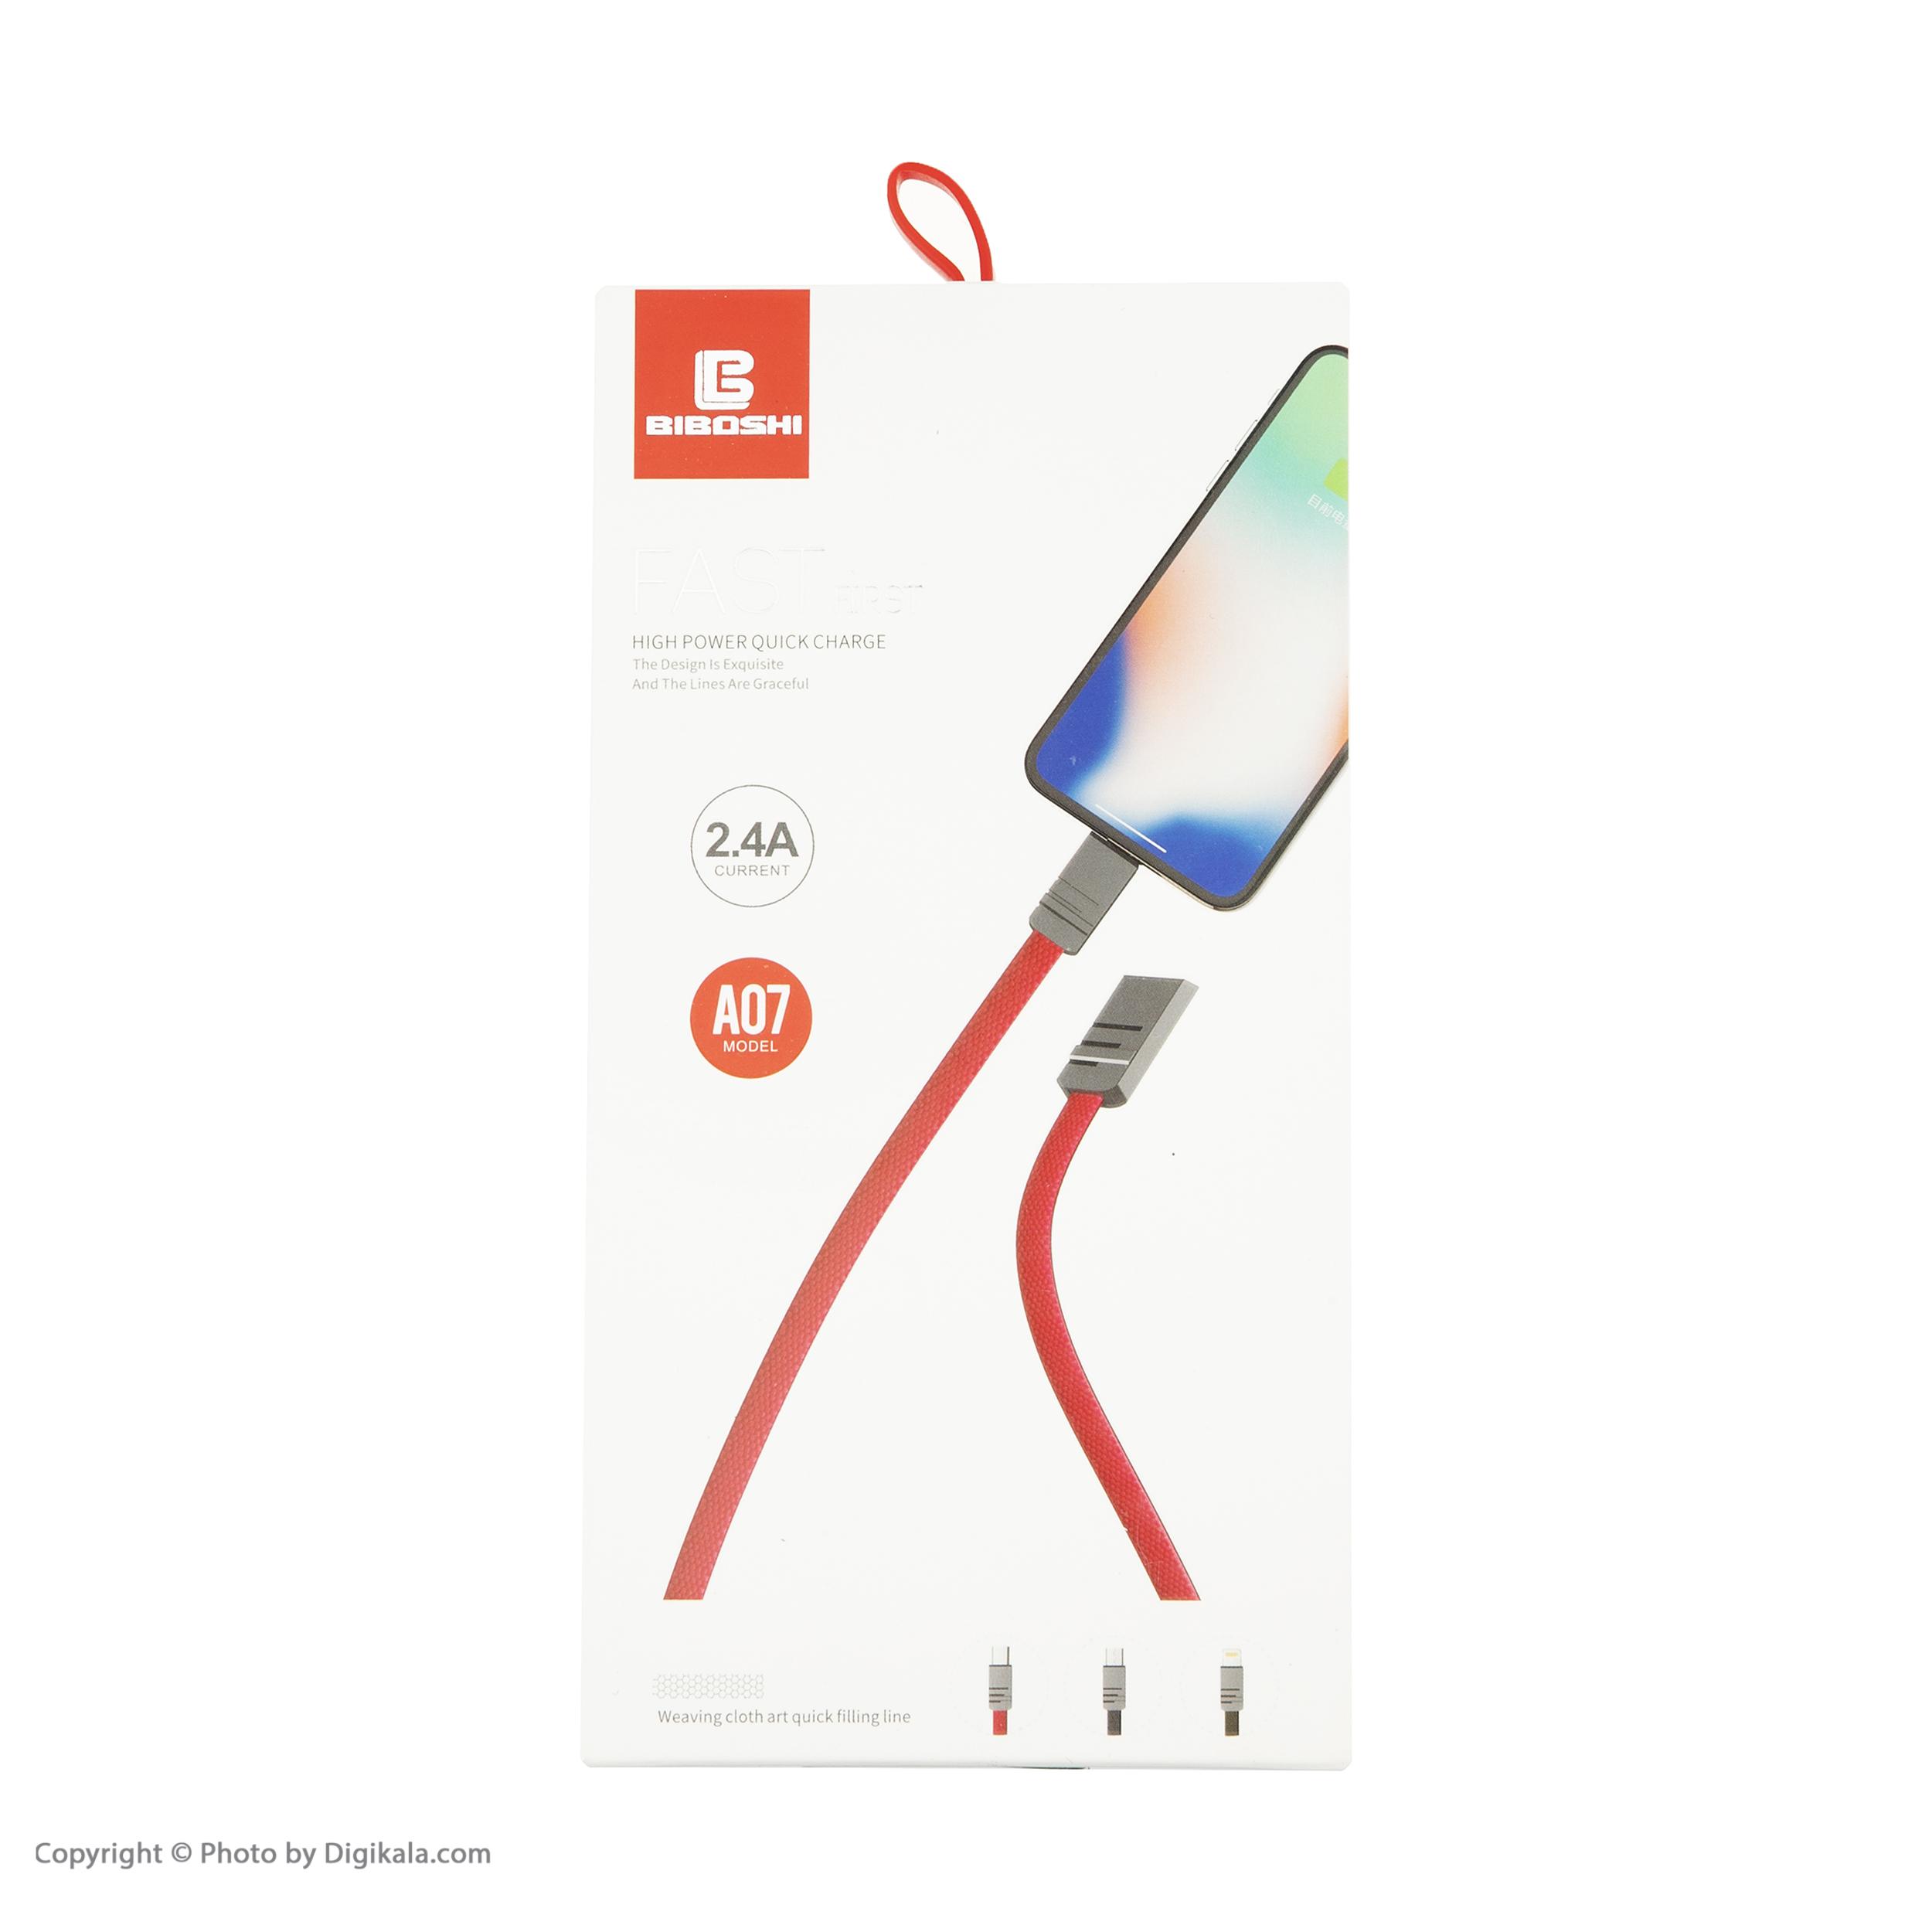 کابل تبدیل USB به microUSB بیبوشی مدل A07 طول 1 متر